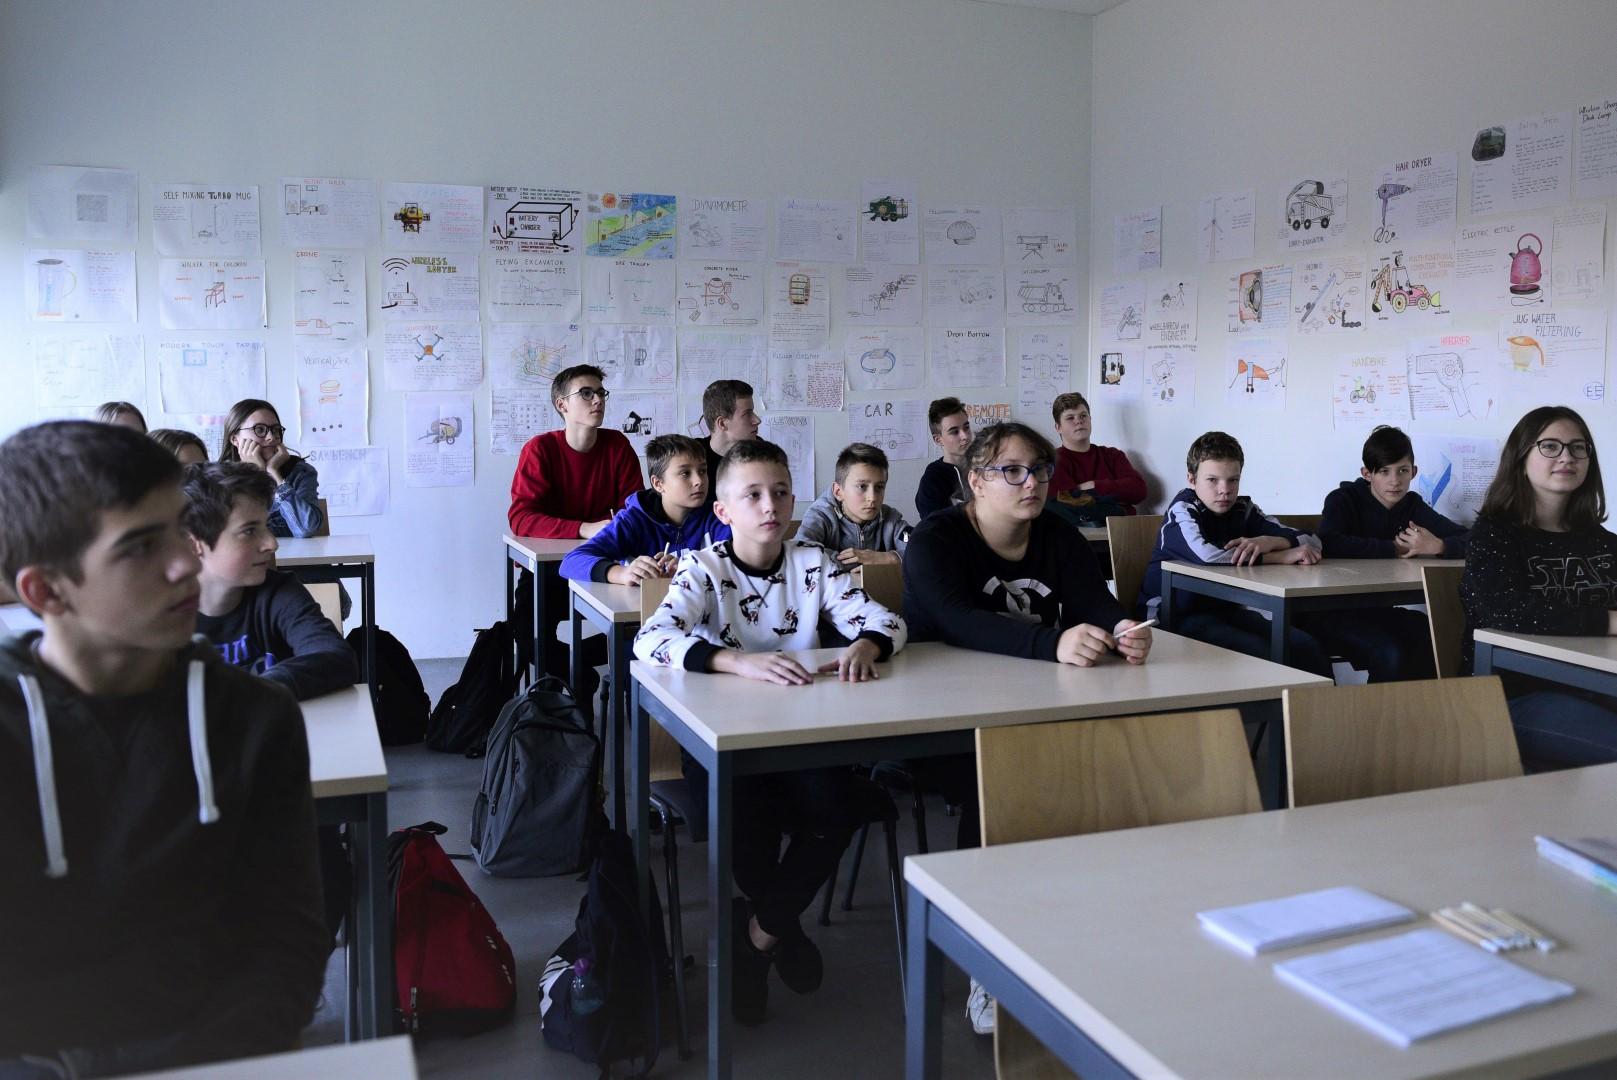 Podlaska Akademia Młodego Inżyniera - uczestnicy